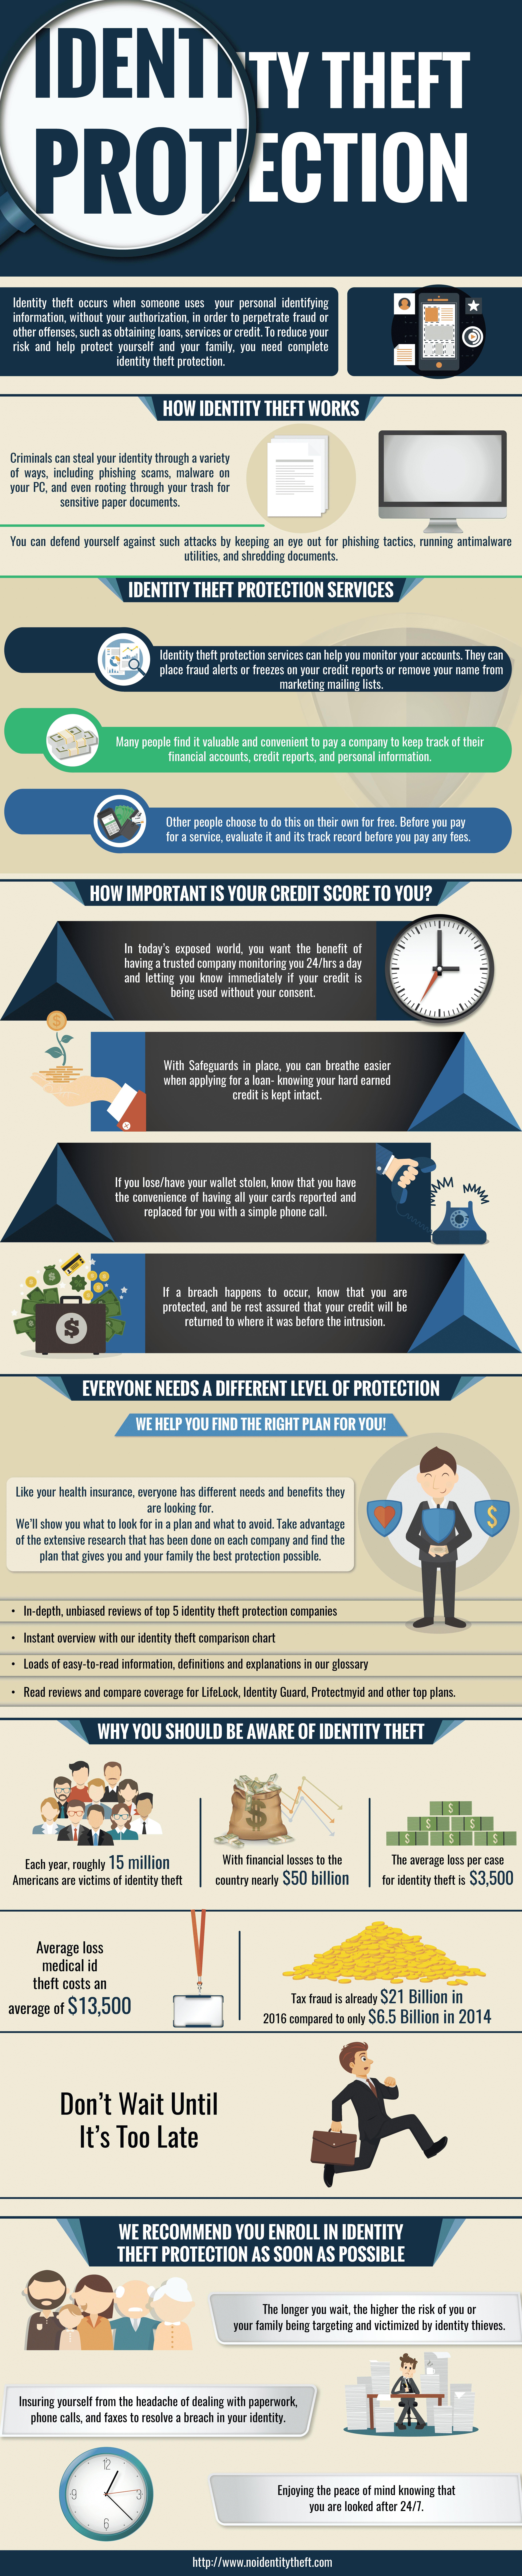 Identity Theft Infographic